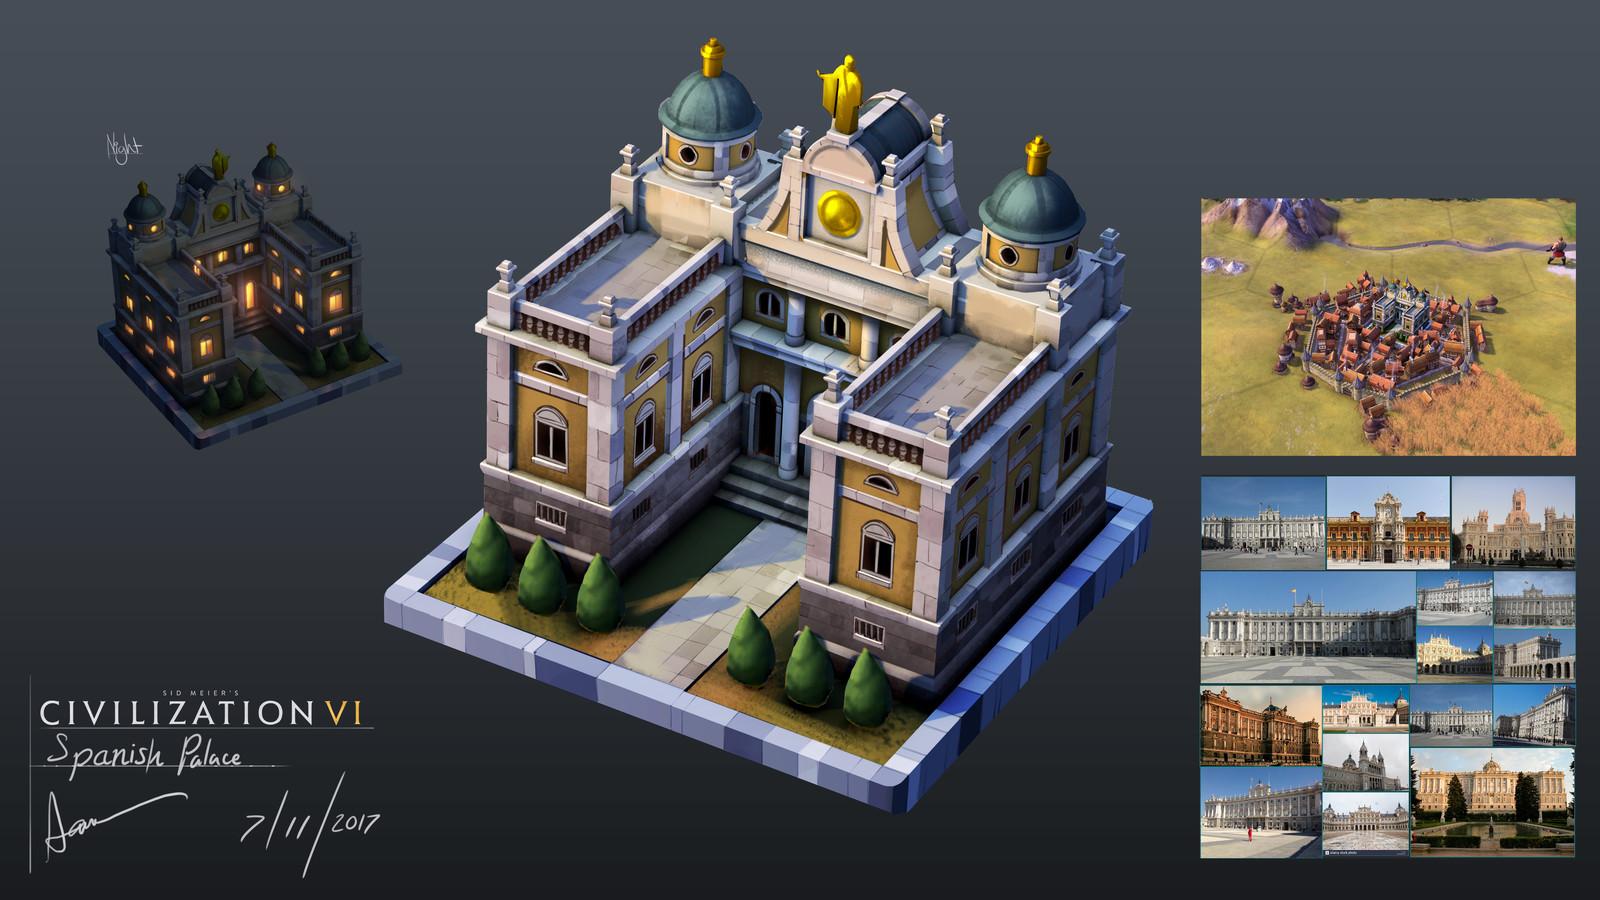 Spanish Style Palace